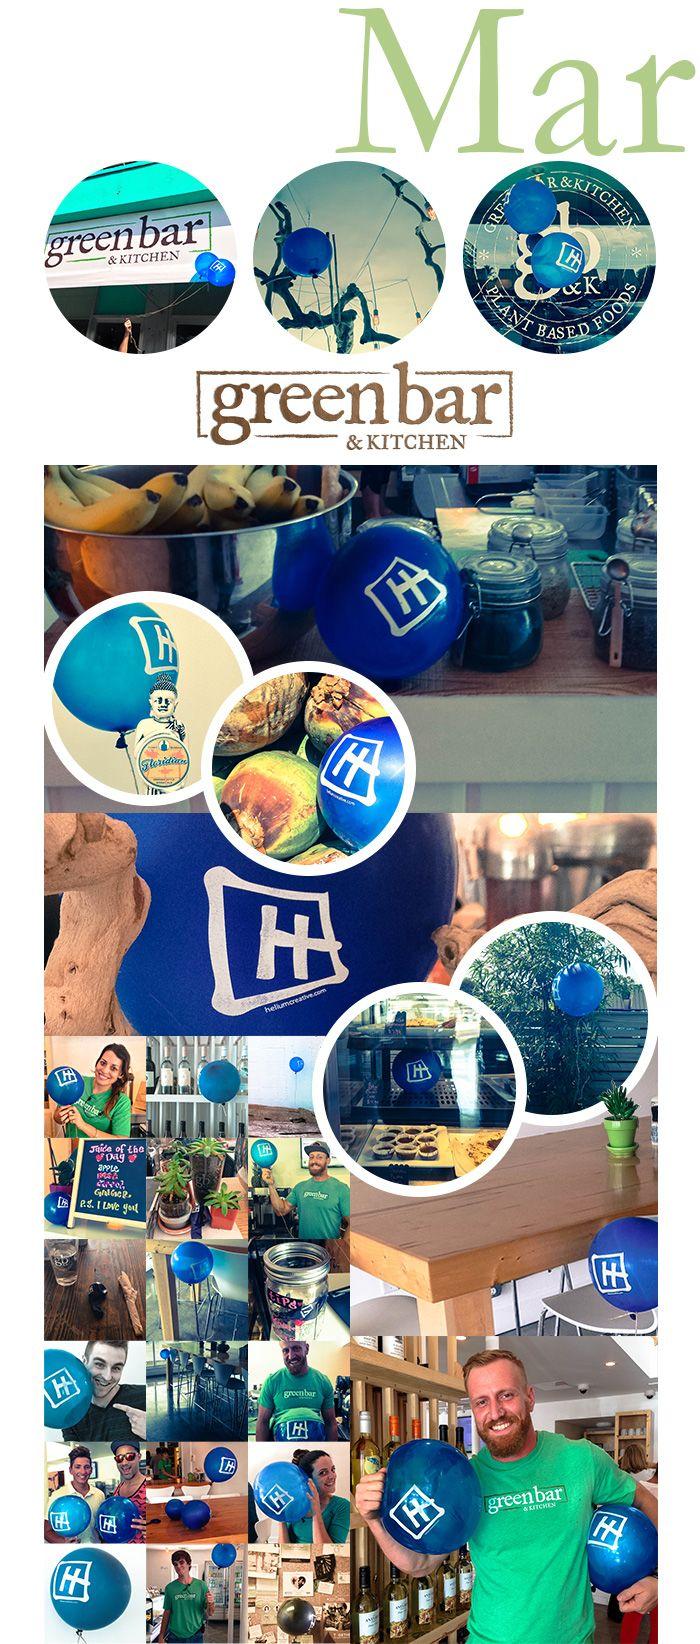 Helium_BalloonChallenge_GreenBarKitchen_040214_v1